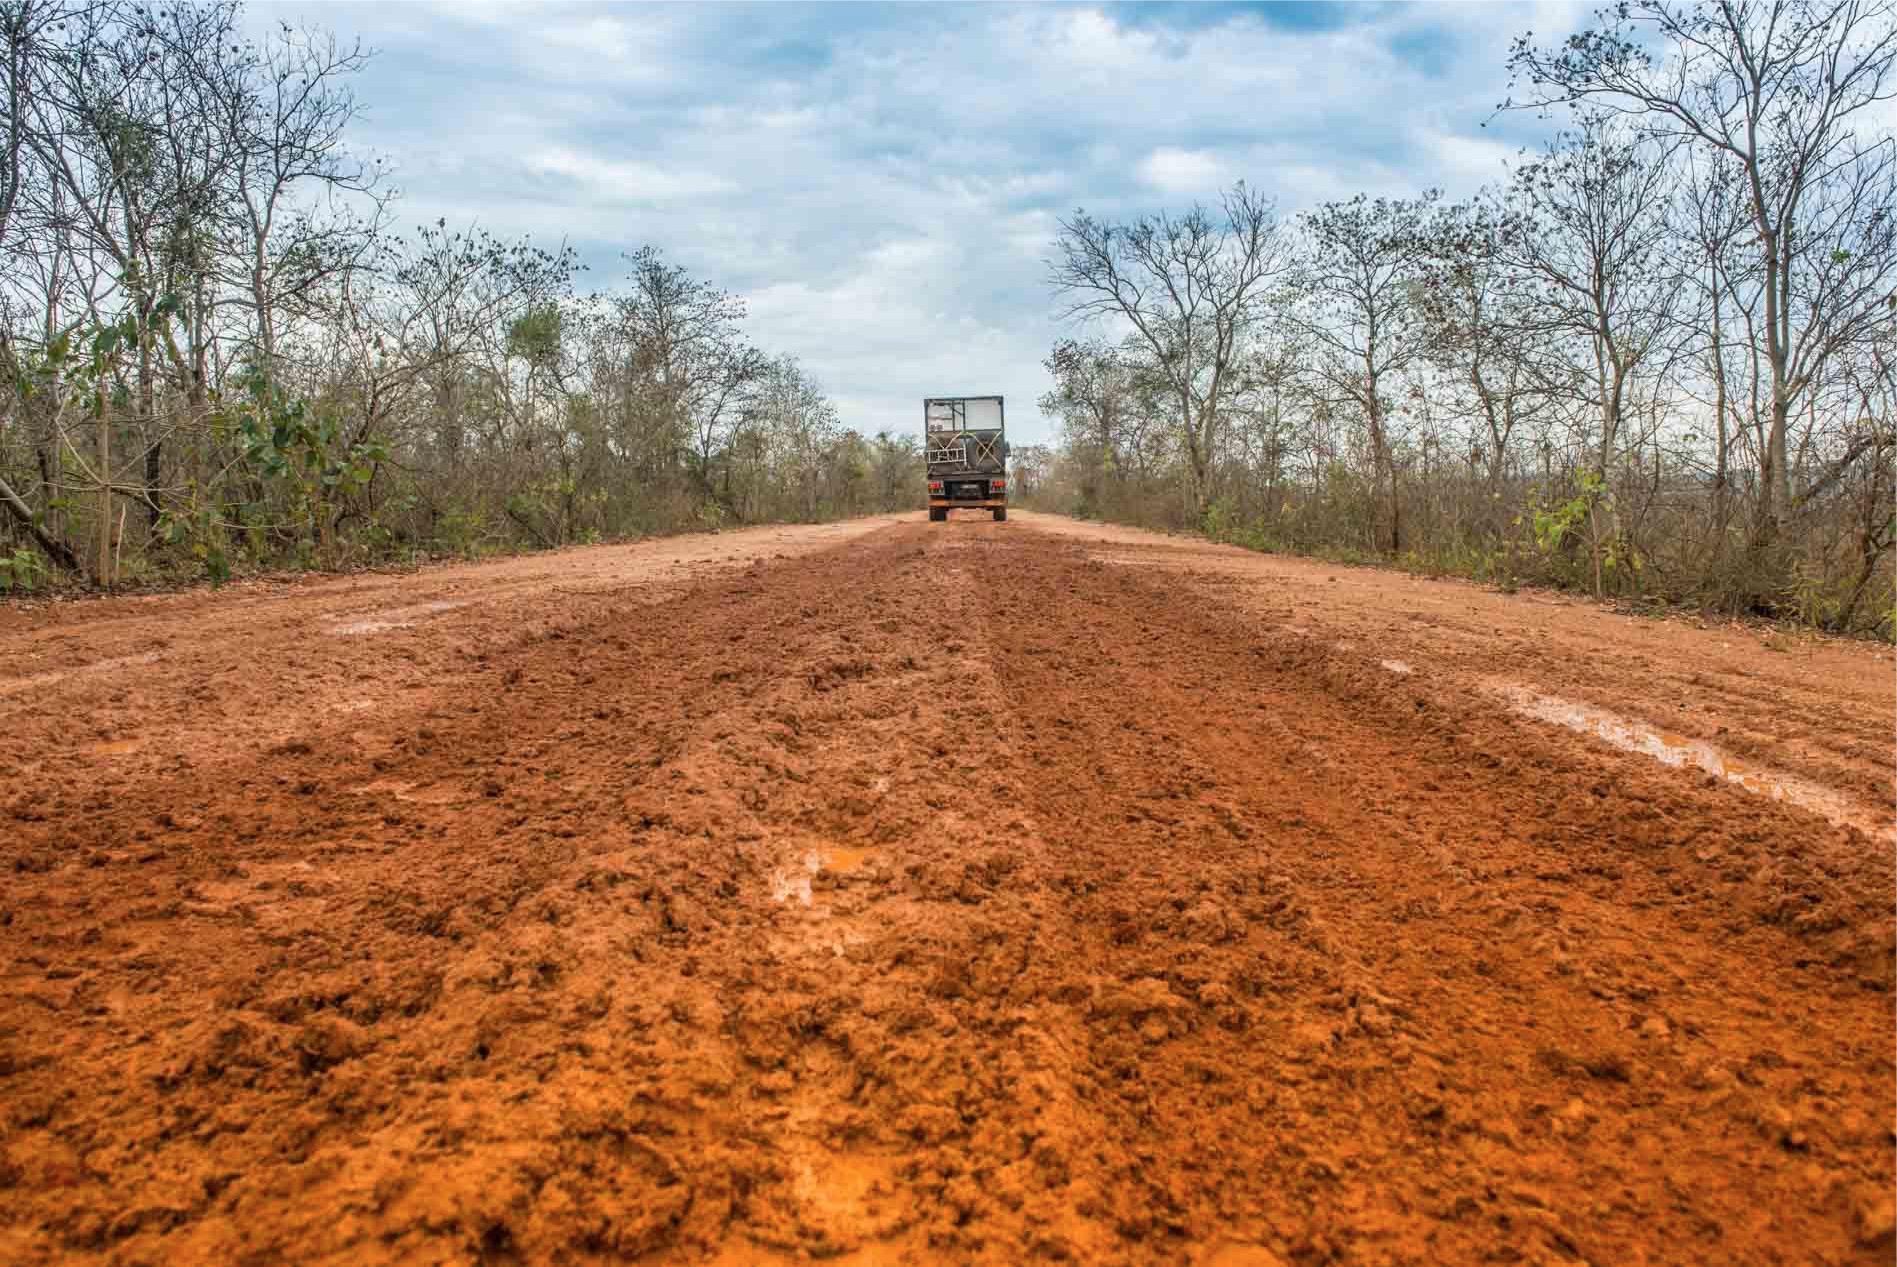 fango-pantanal-road-mud.jpg